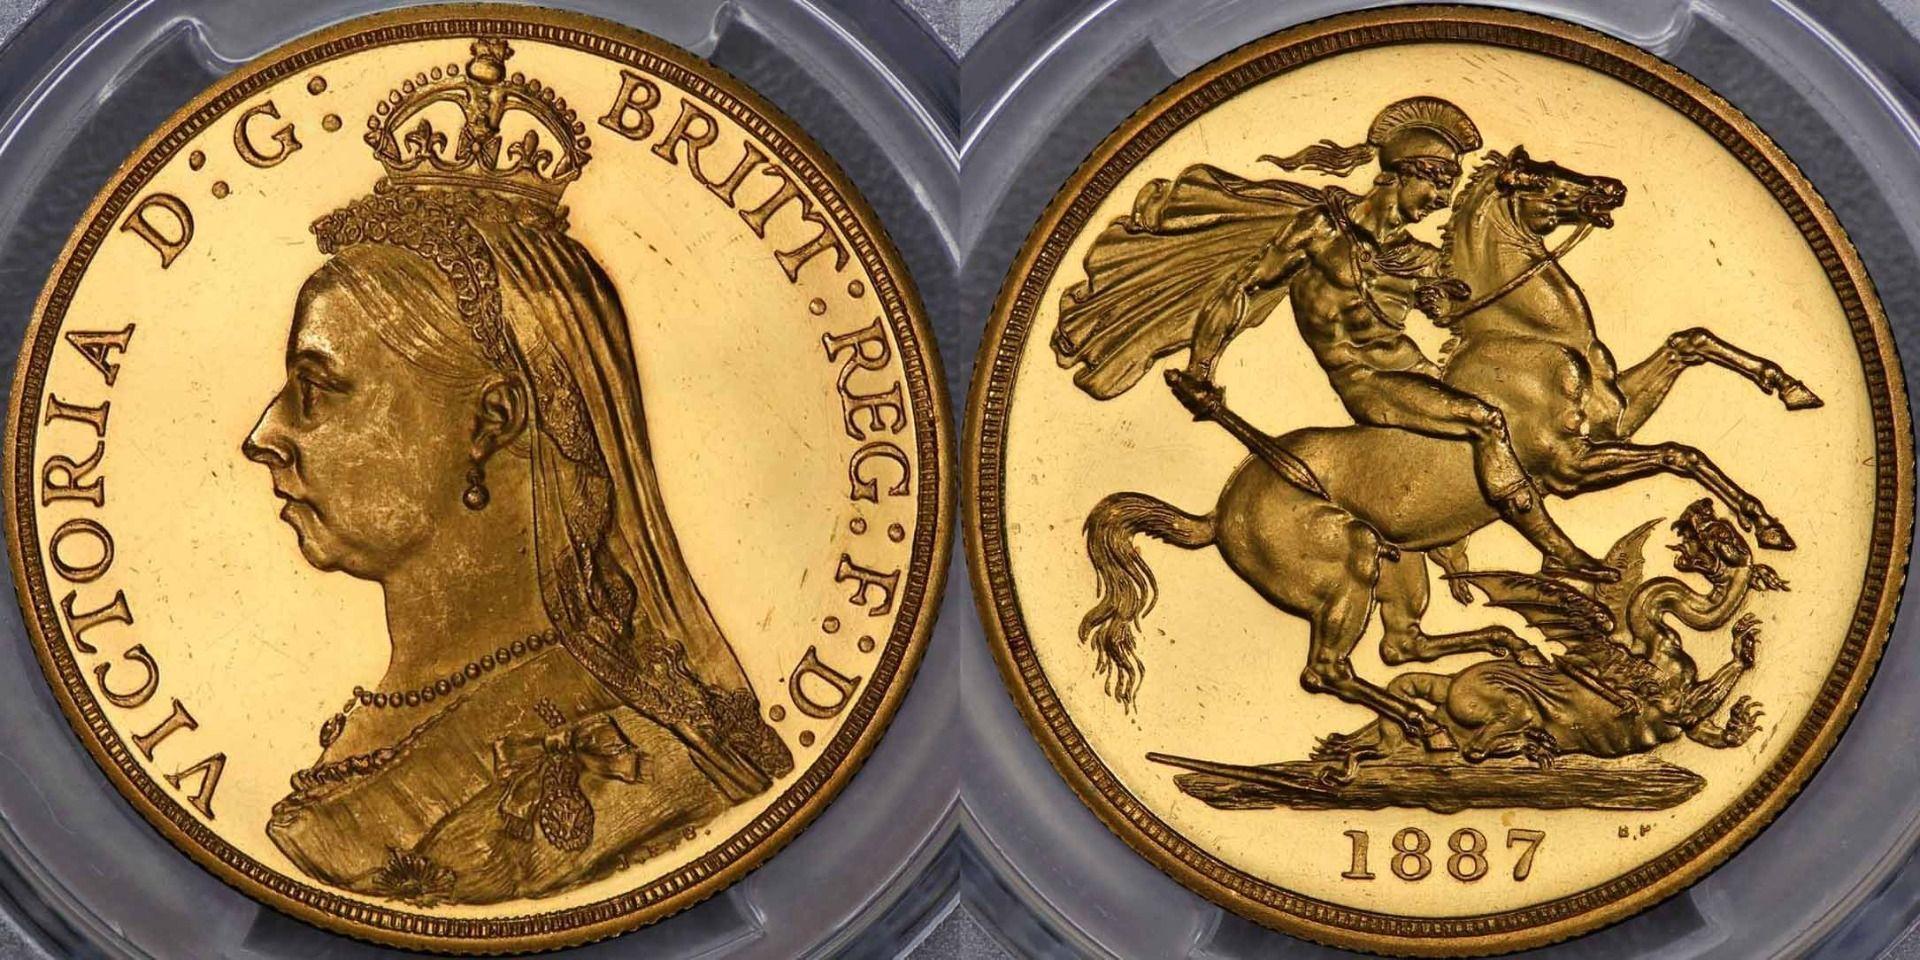 イギリス1887年ヴィクトリア2ポンド金貨 PCGS PR63DCAM画像